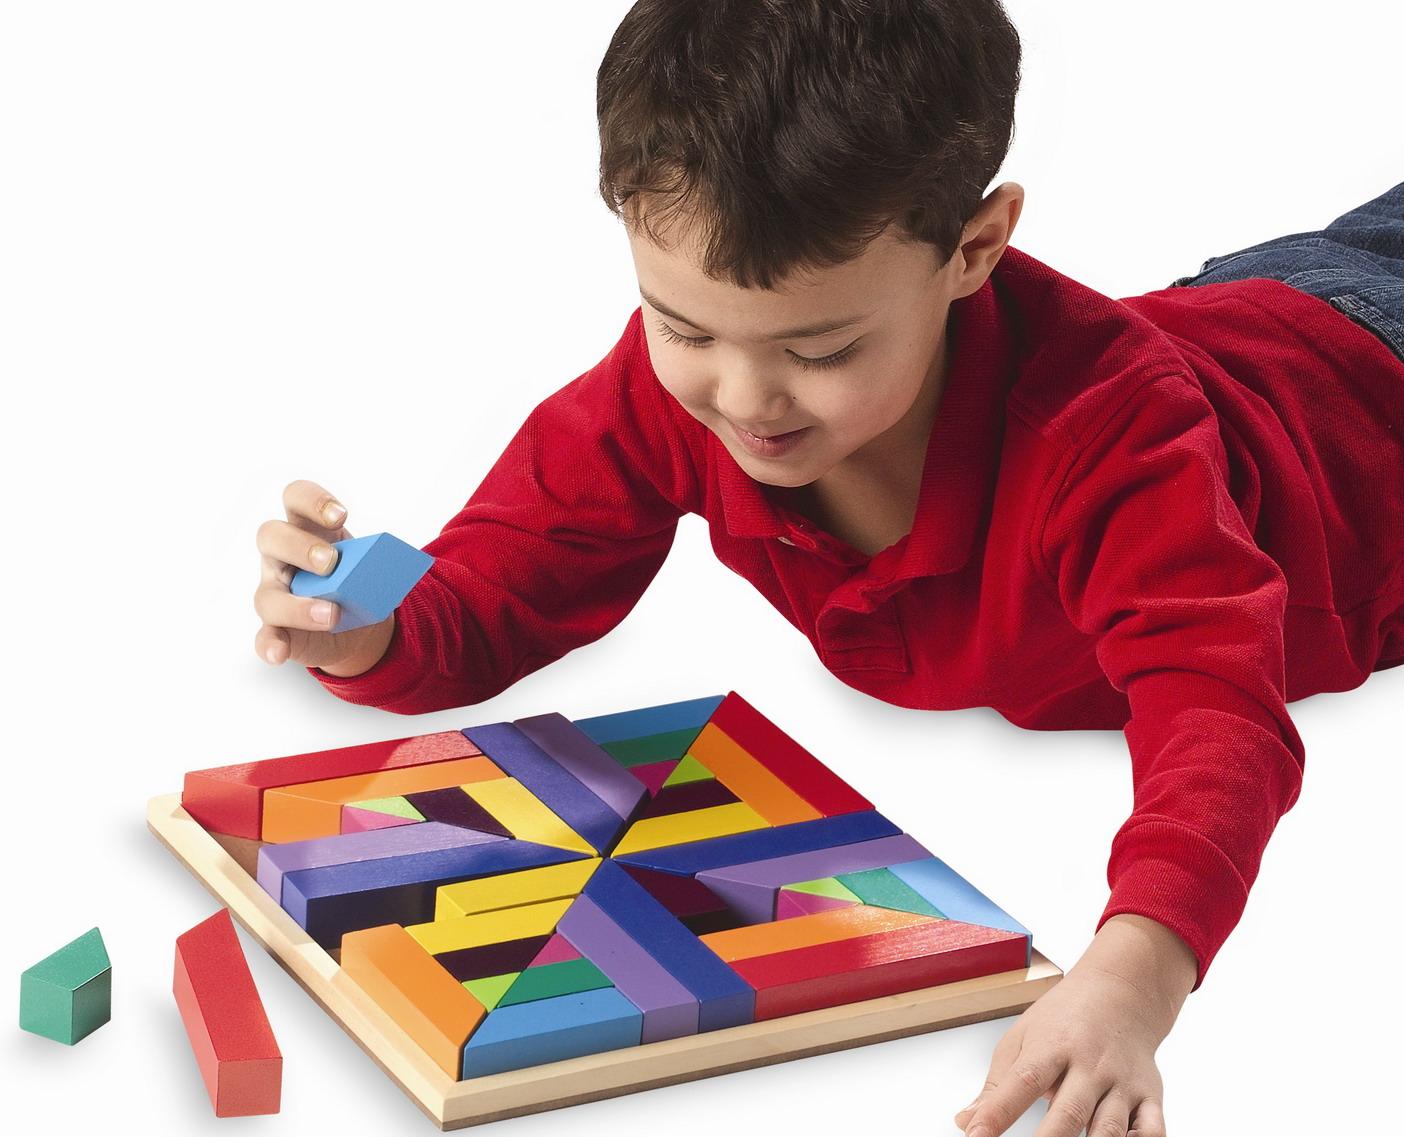 Советы о развитие ребенка с помощью игр